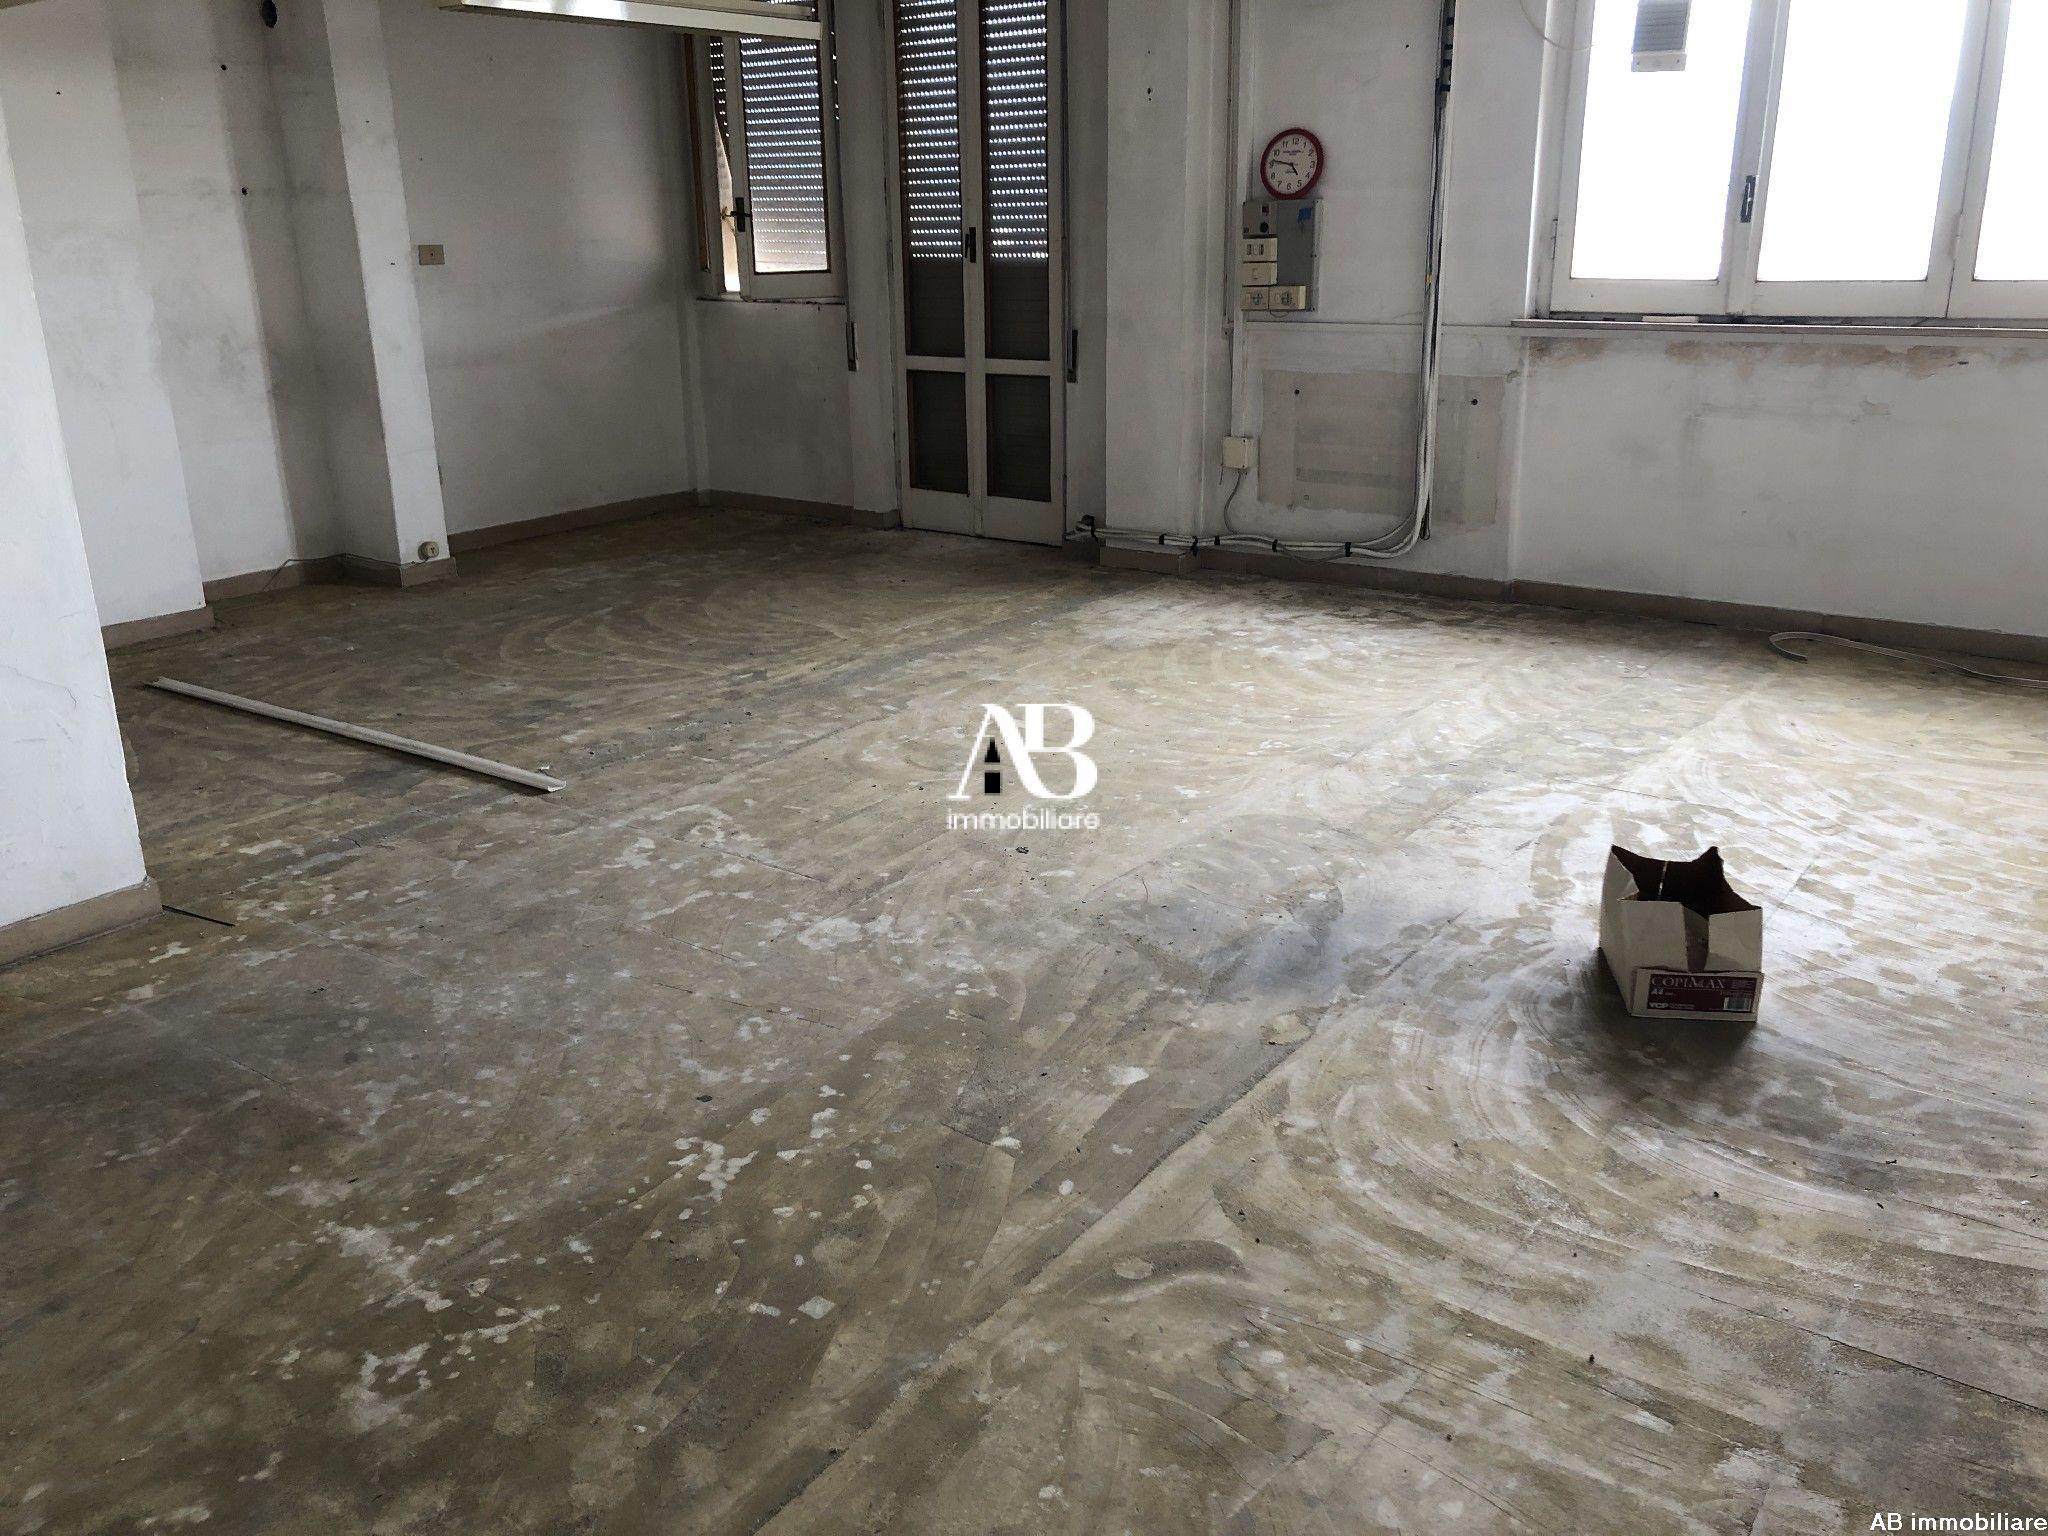 Appartamento da ristrutturare al 5°p.